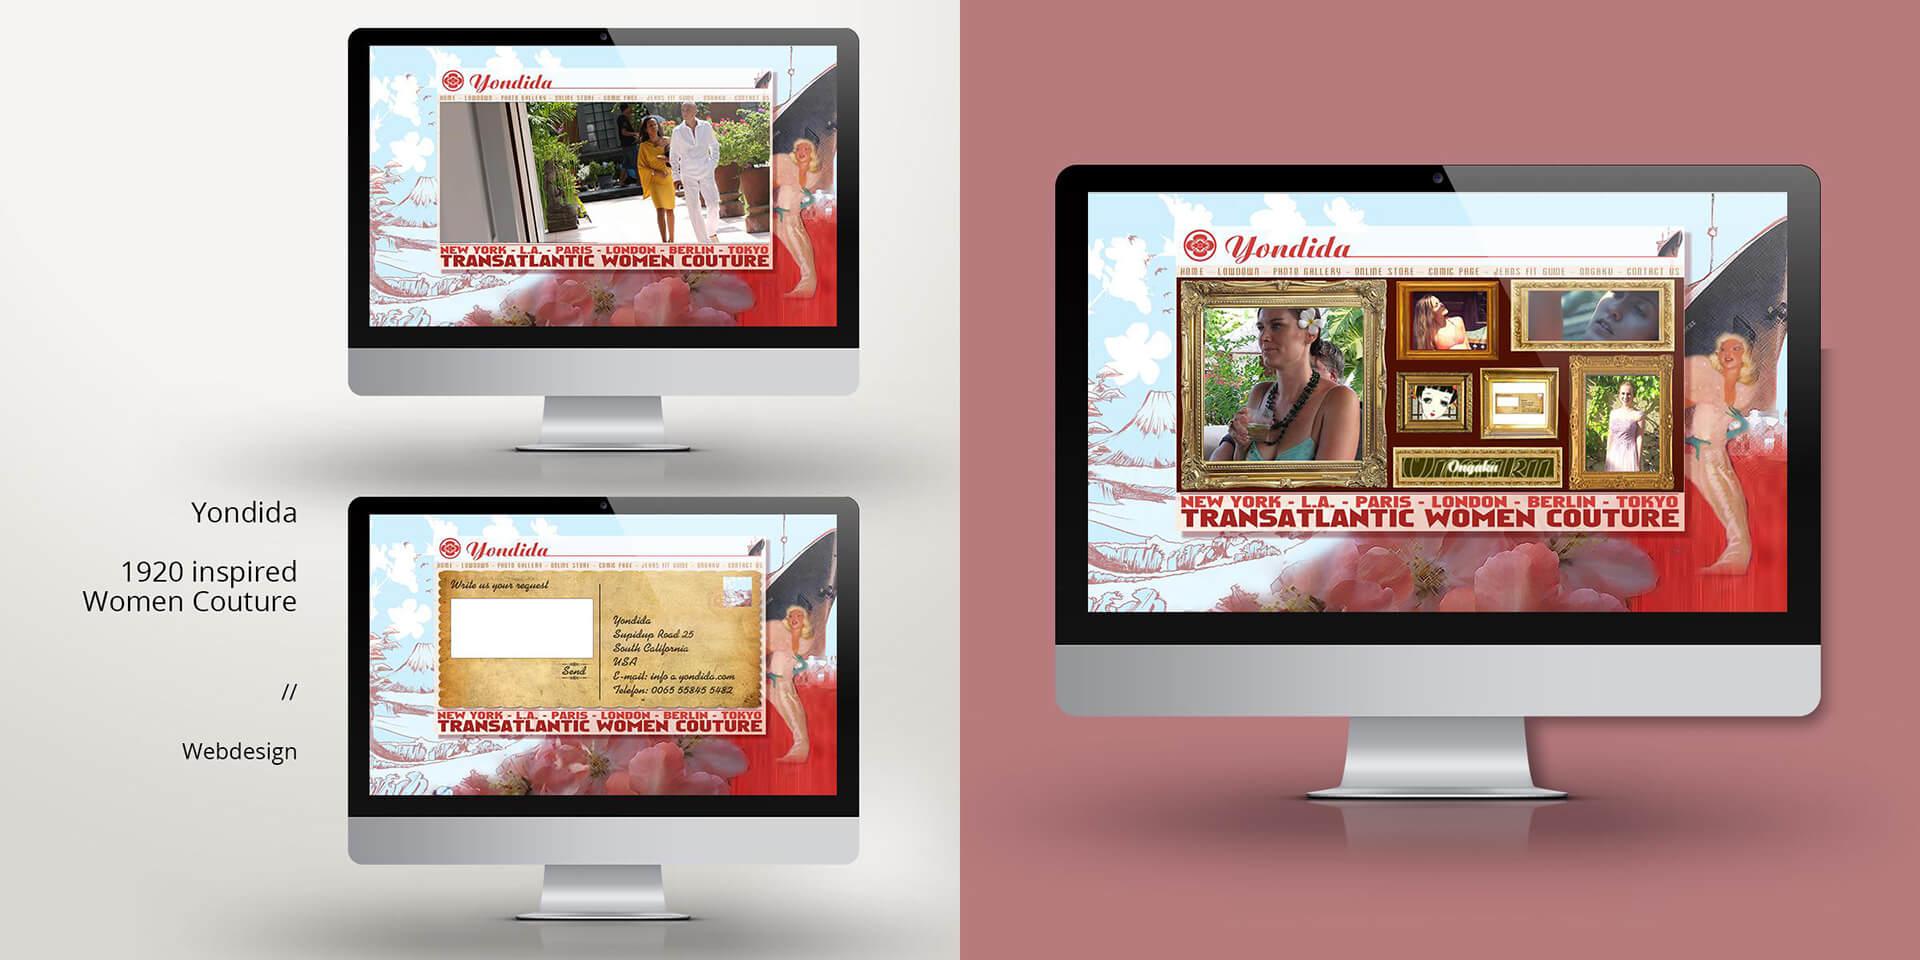 webdesign responsive seo sem online marketing wordpress html5 css newsletter banner 9